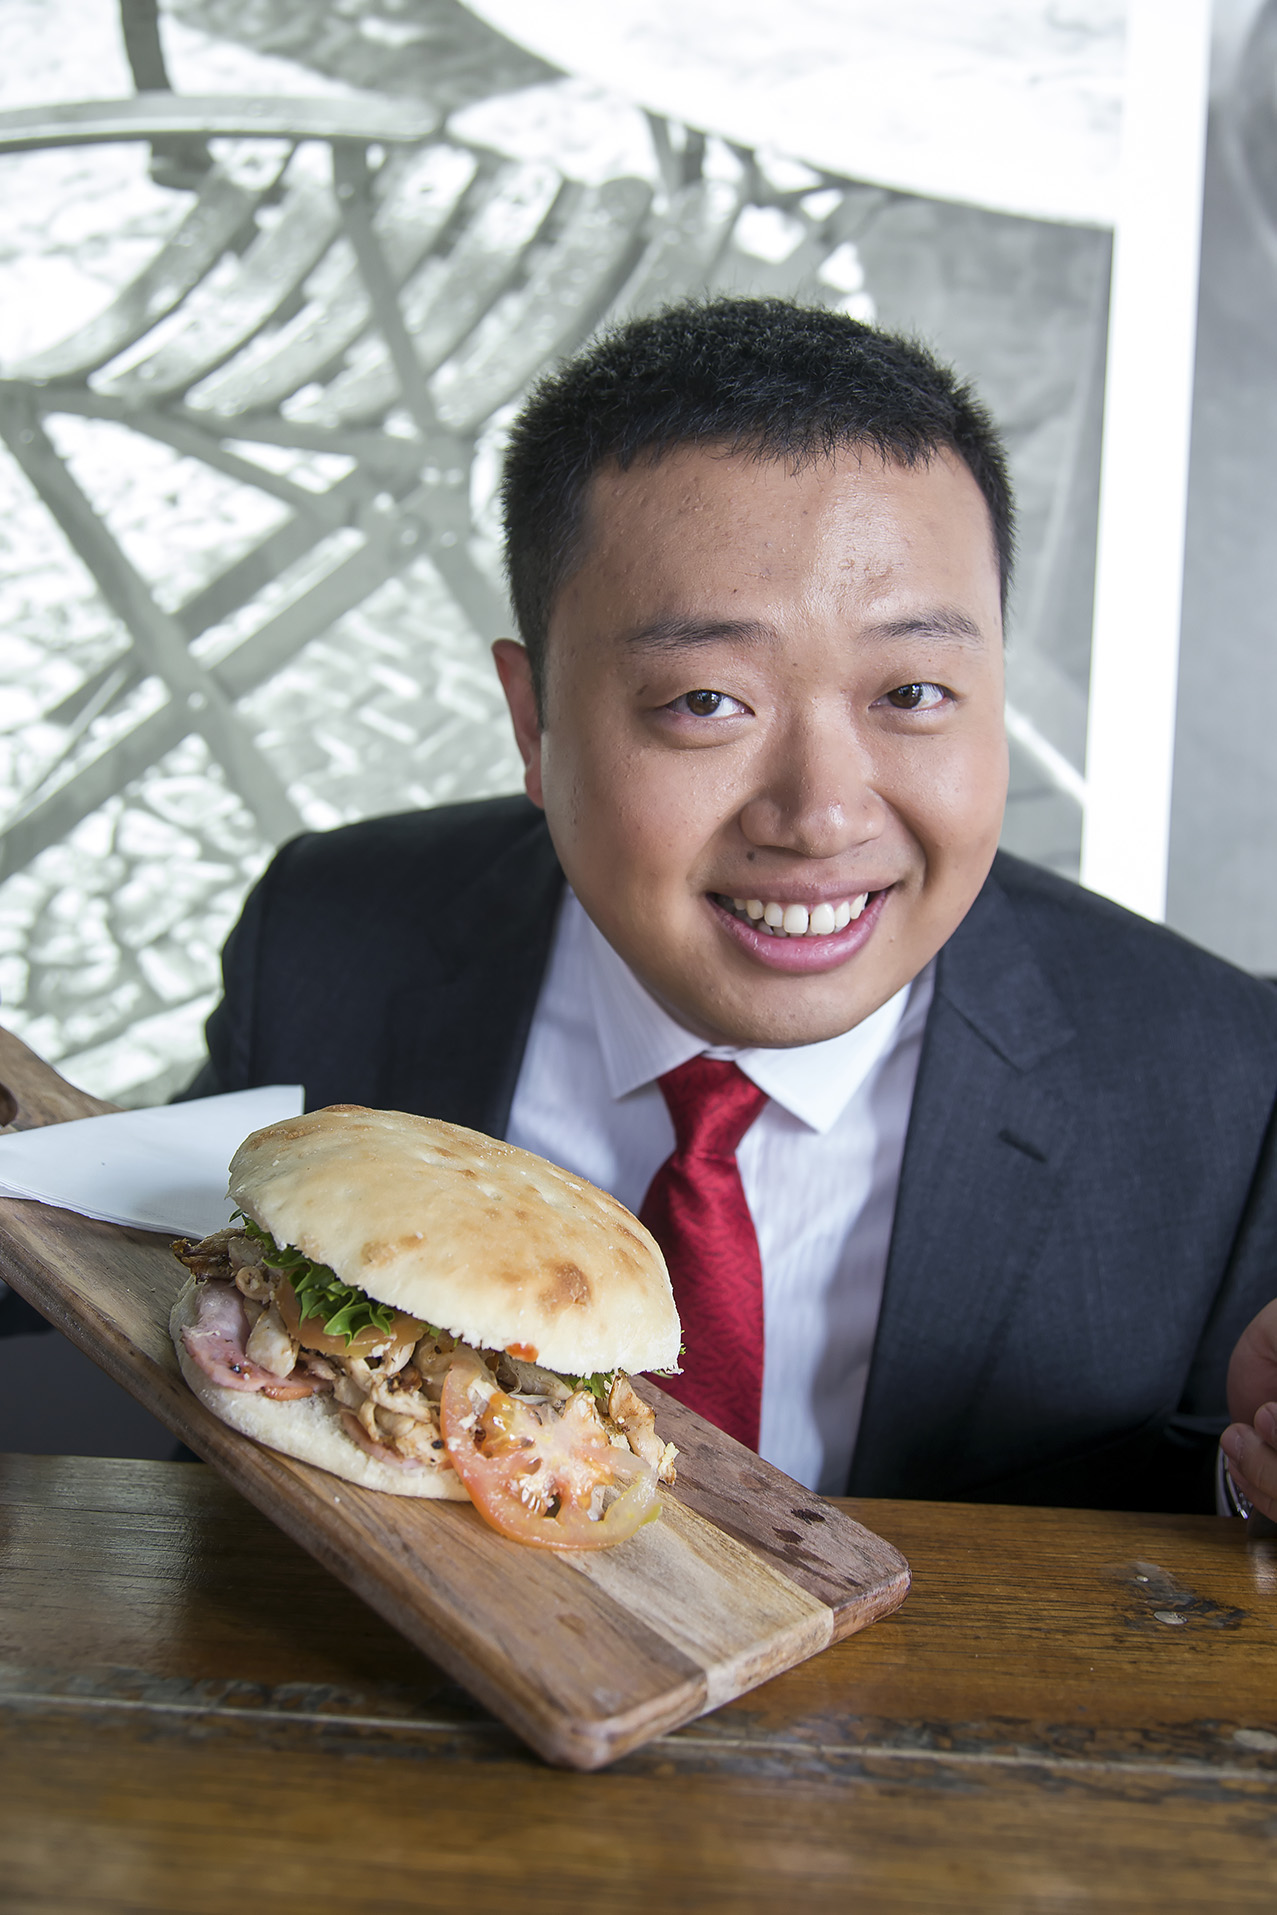 Adelaide City Cafe Wedding Portraits Big Burger